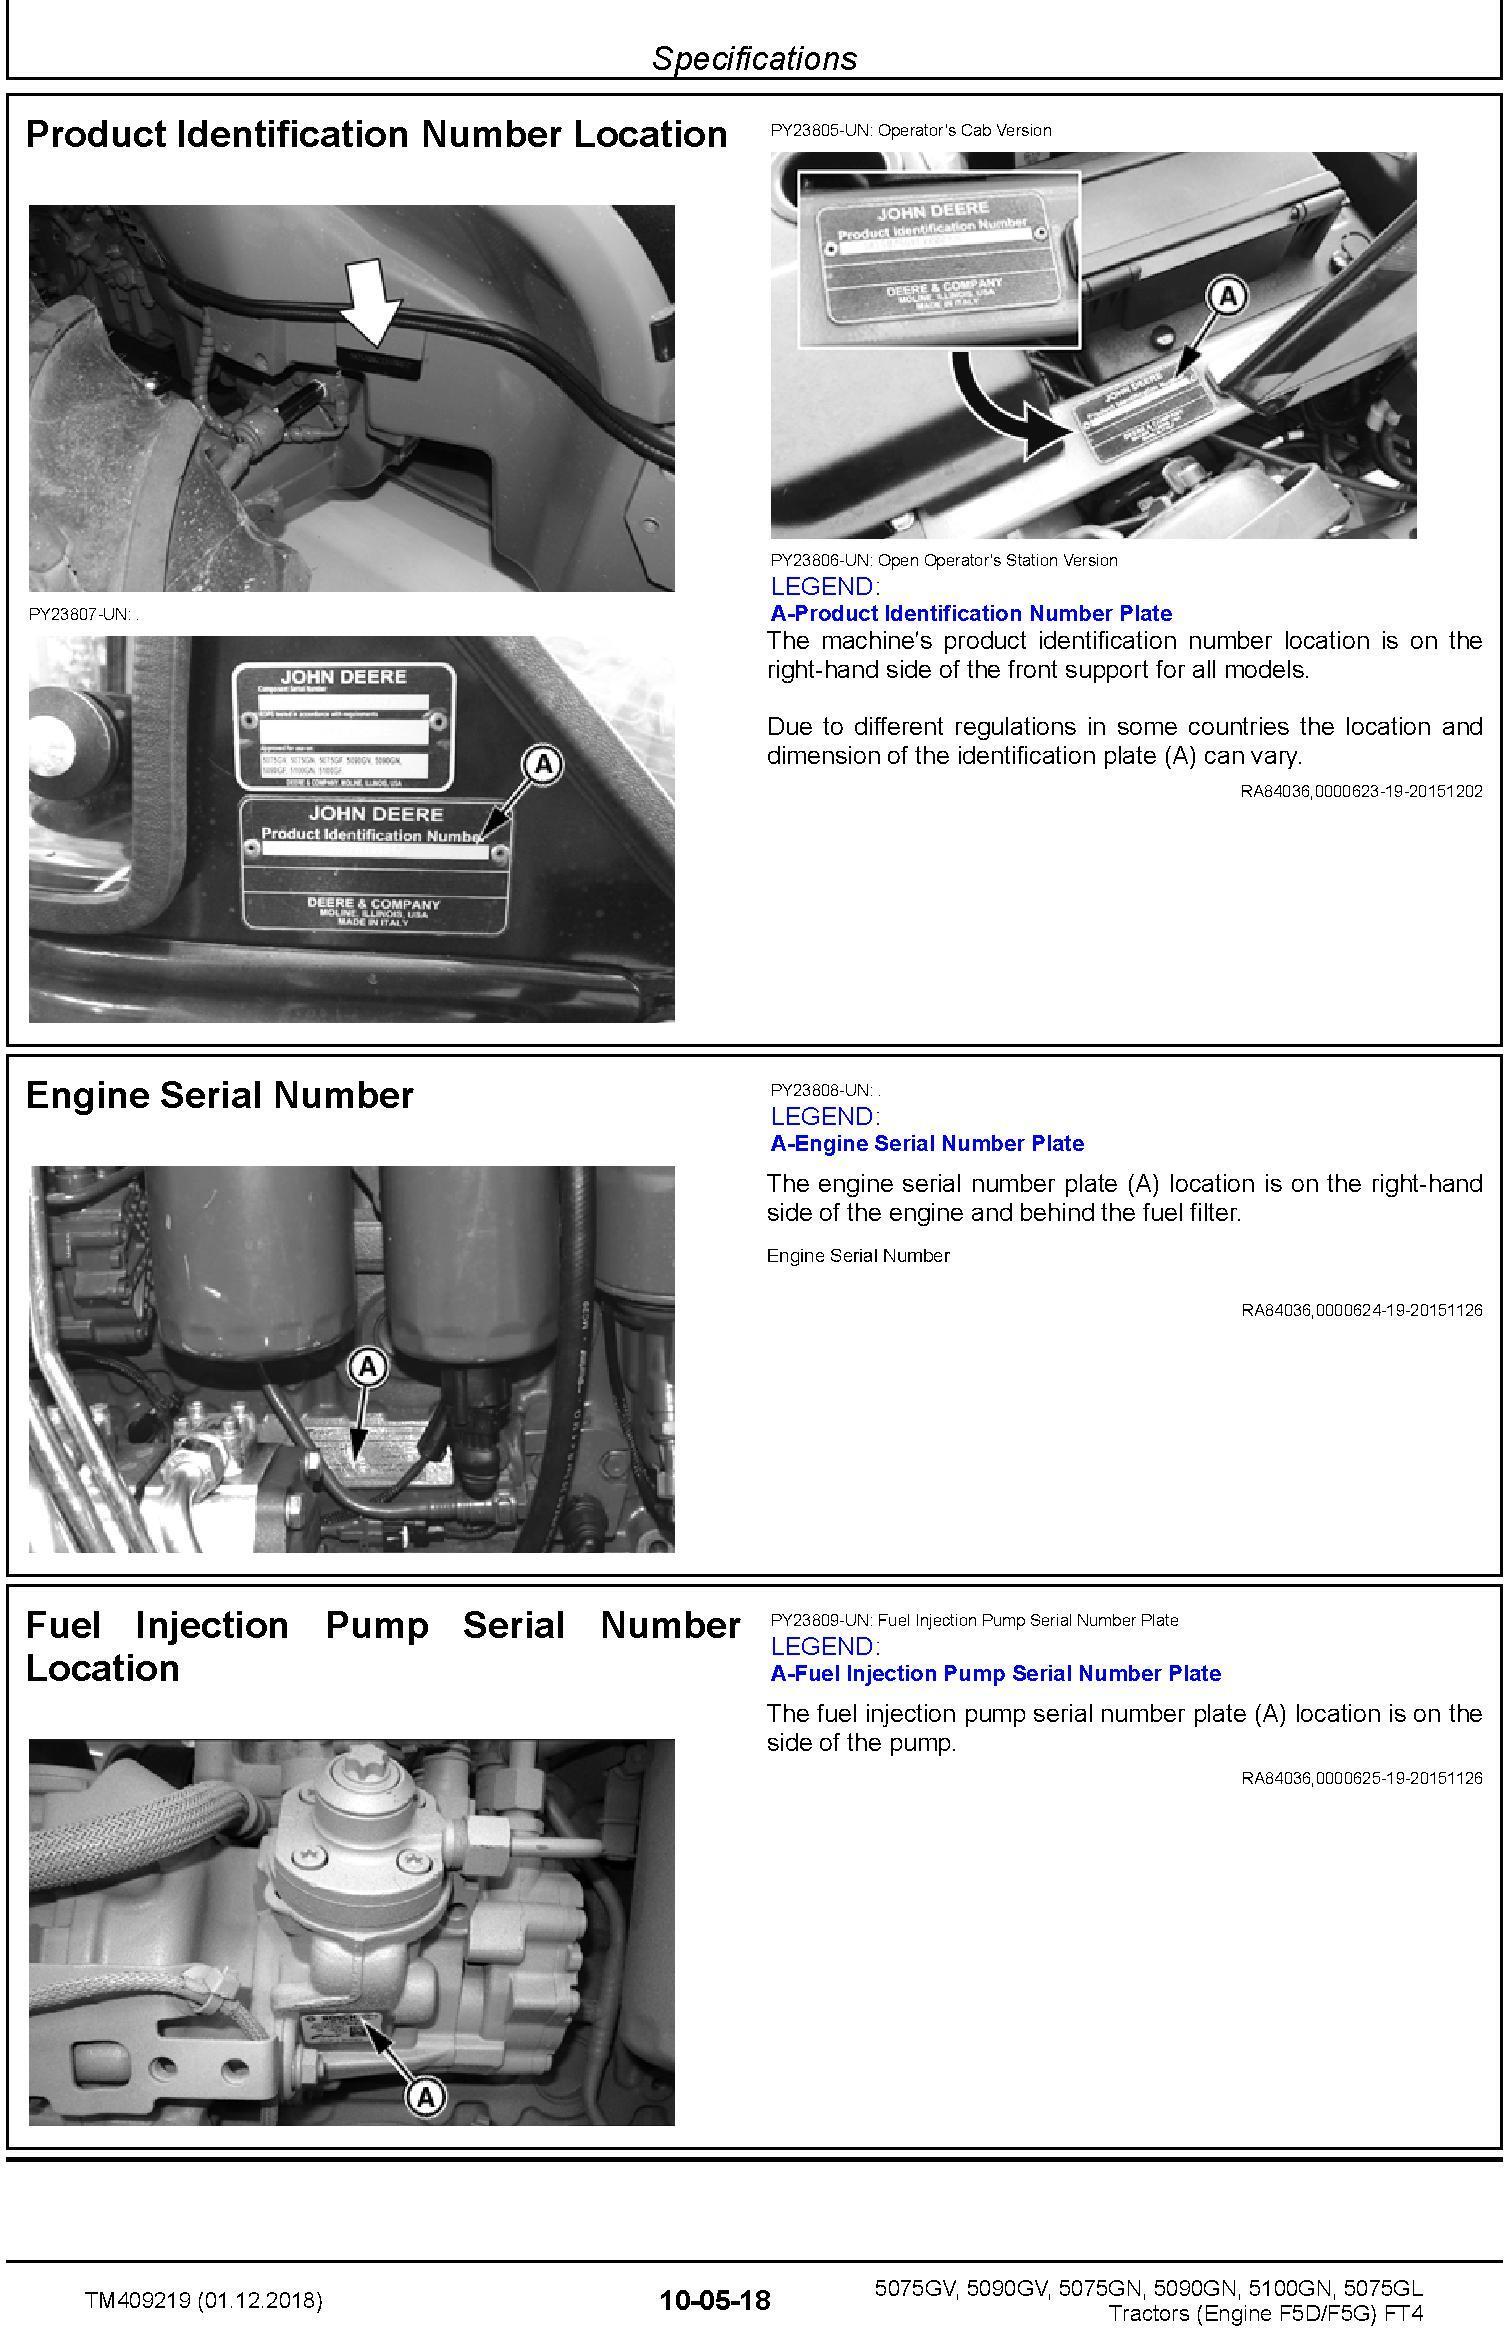 John Deere 5075GL,5075GV, 5075GN, 5090GV,5090GN, 5100GN MY2016-19 Tractors Repair Manual (TM409219) - 1